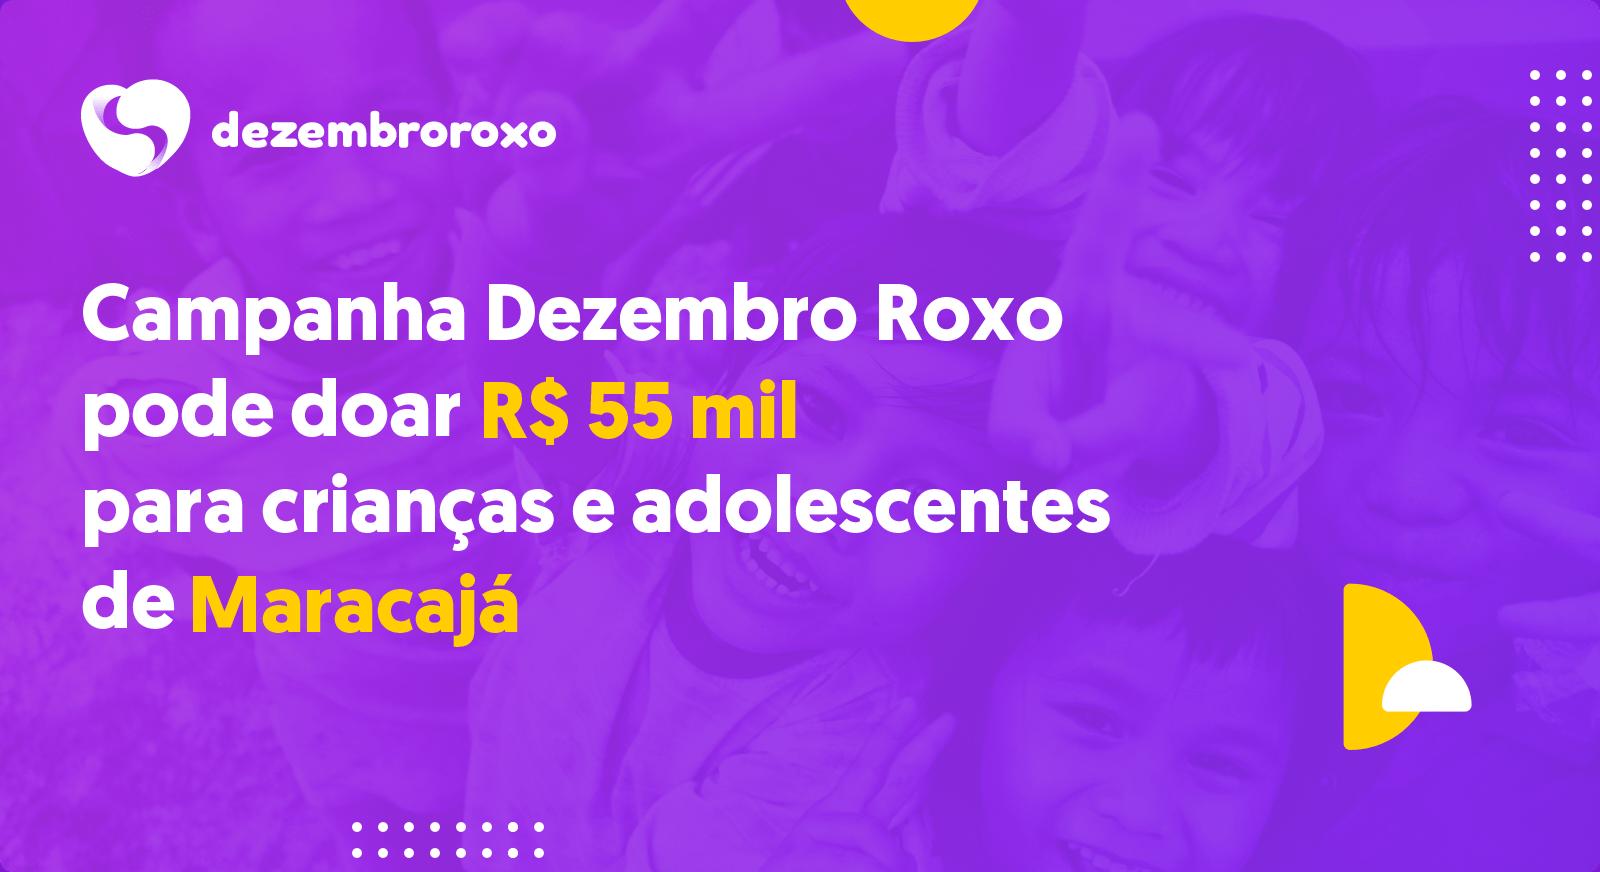 Doações em Maracajá - SC